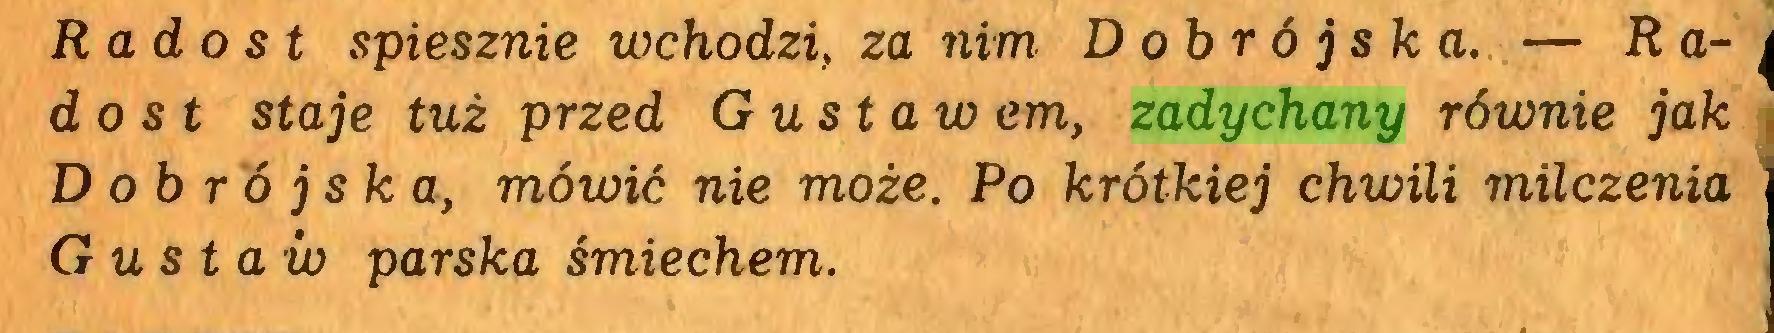 (...) Rado st spiesznie wchodzi, za nim Dobrójska. — Ra- j do st staje tuż przed Gustaw cm, zadychany równie jak Dobrójska, mówić nie może. Po krótkiej chwili milczenia Gustaw parska śmiechem...